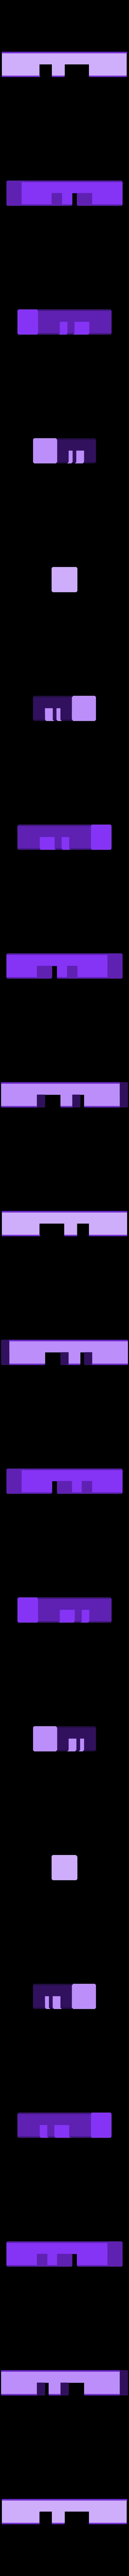 E.stl Download free STL file Mini Puzzle Puzzle • 3D printer model, Bdz37